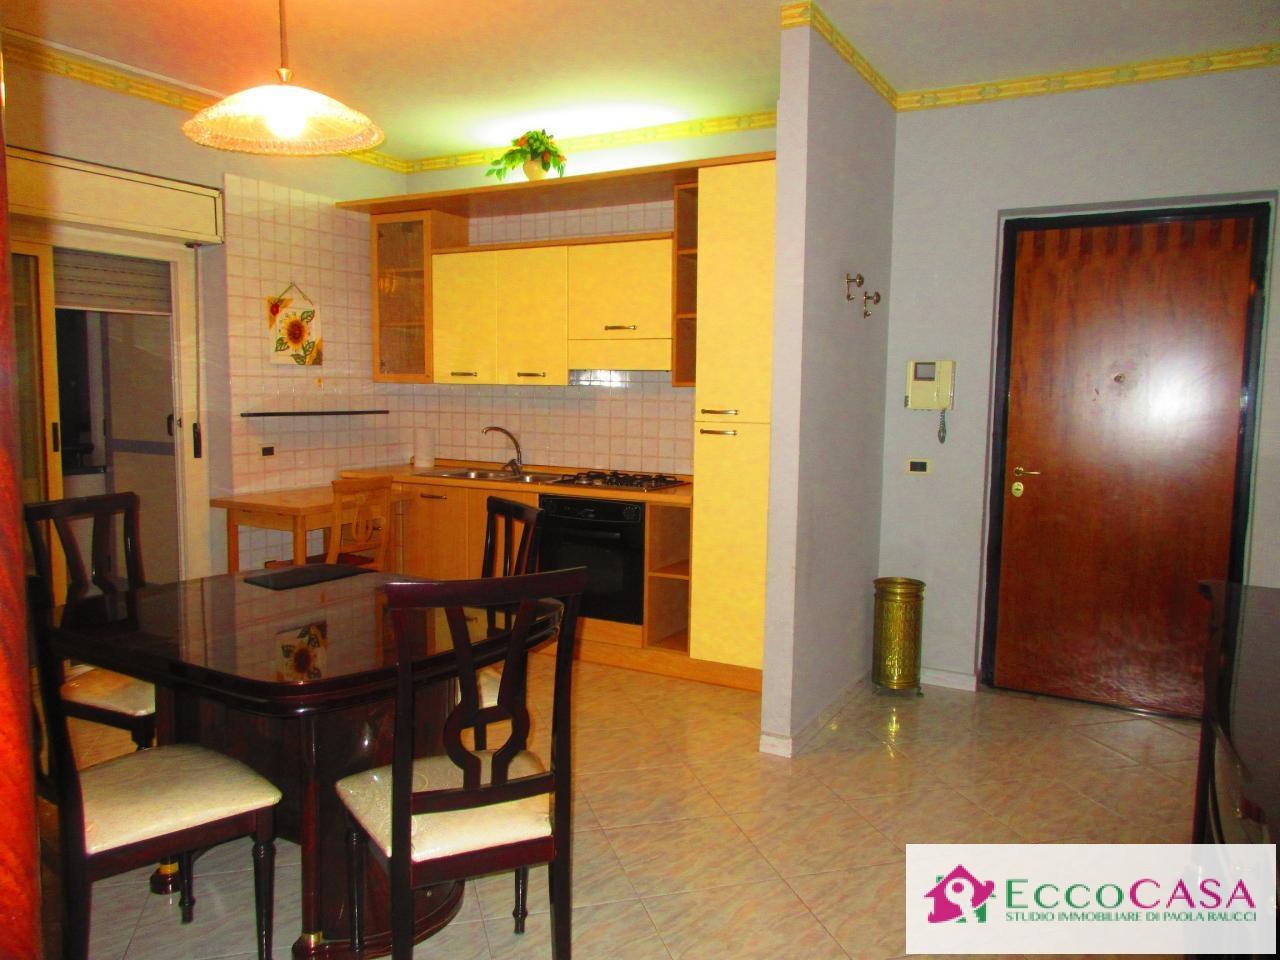 Appartamento in affitto a Maddaloni, 2 locali, prezzo € 360 | CambioCasa.it